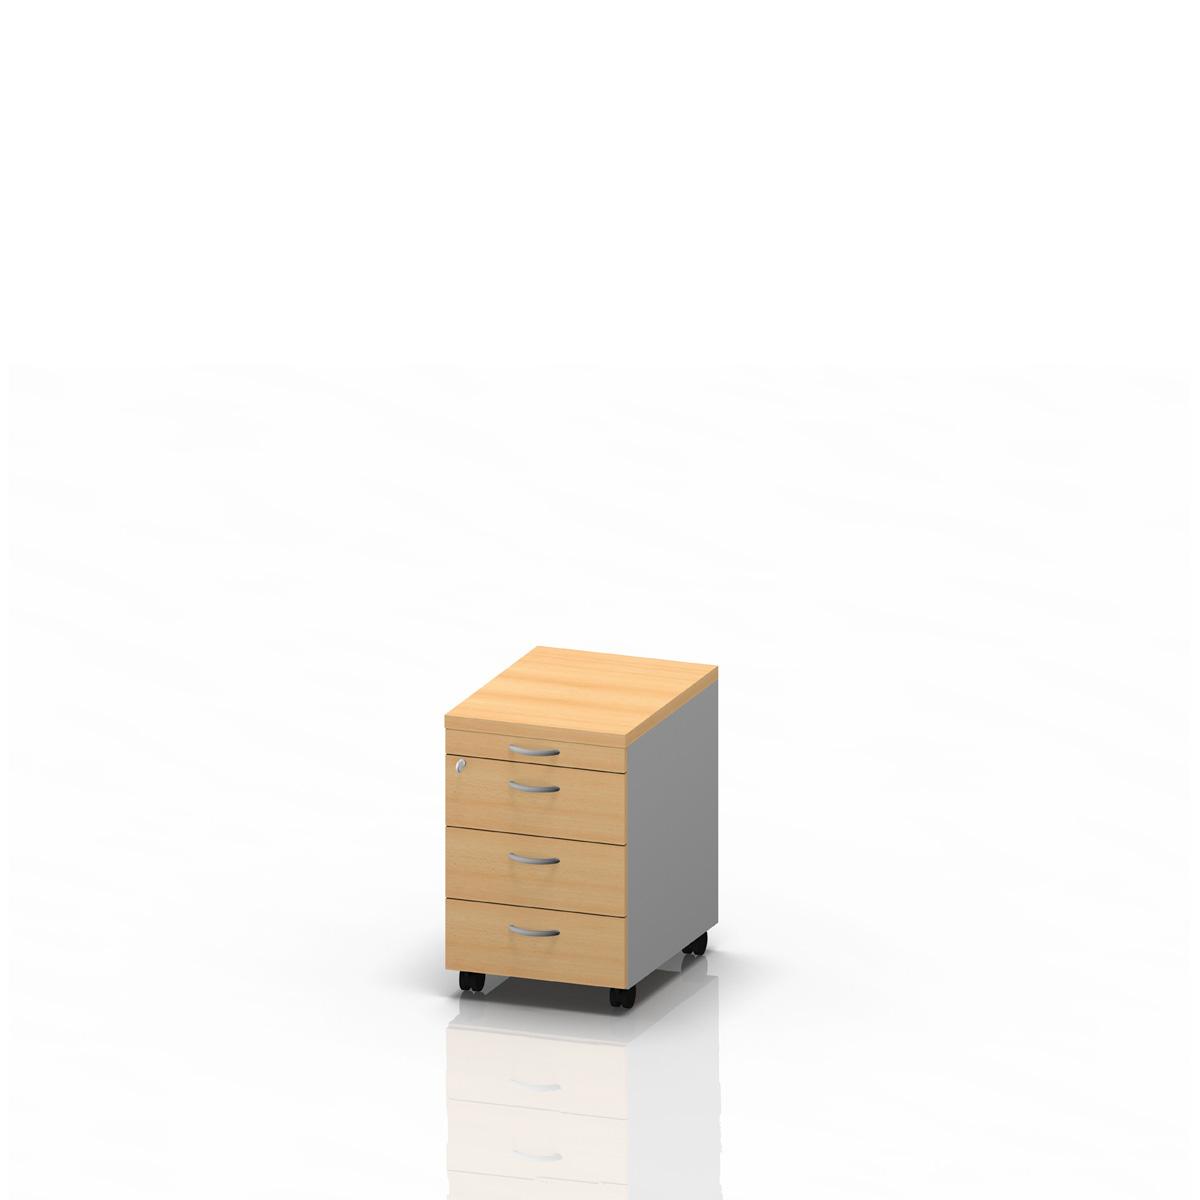 Rollcontainer 3+1, Buche – Schäfer Shop Fundgrube